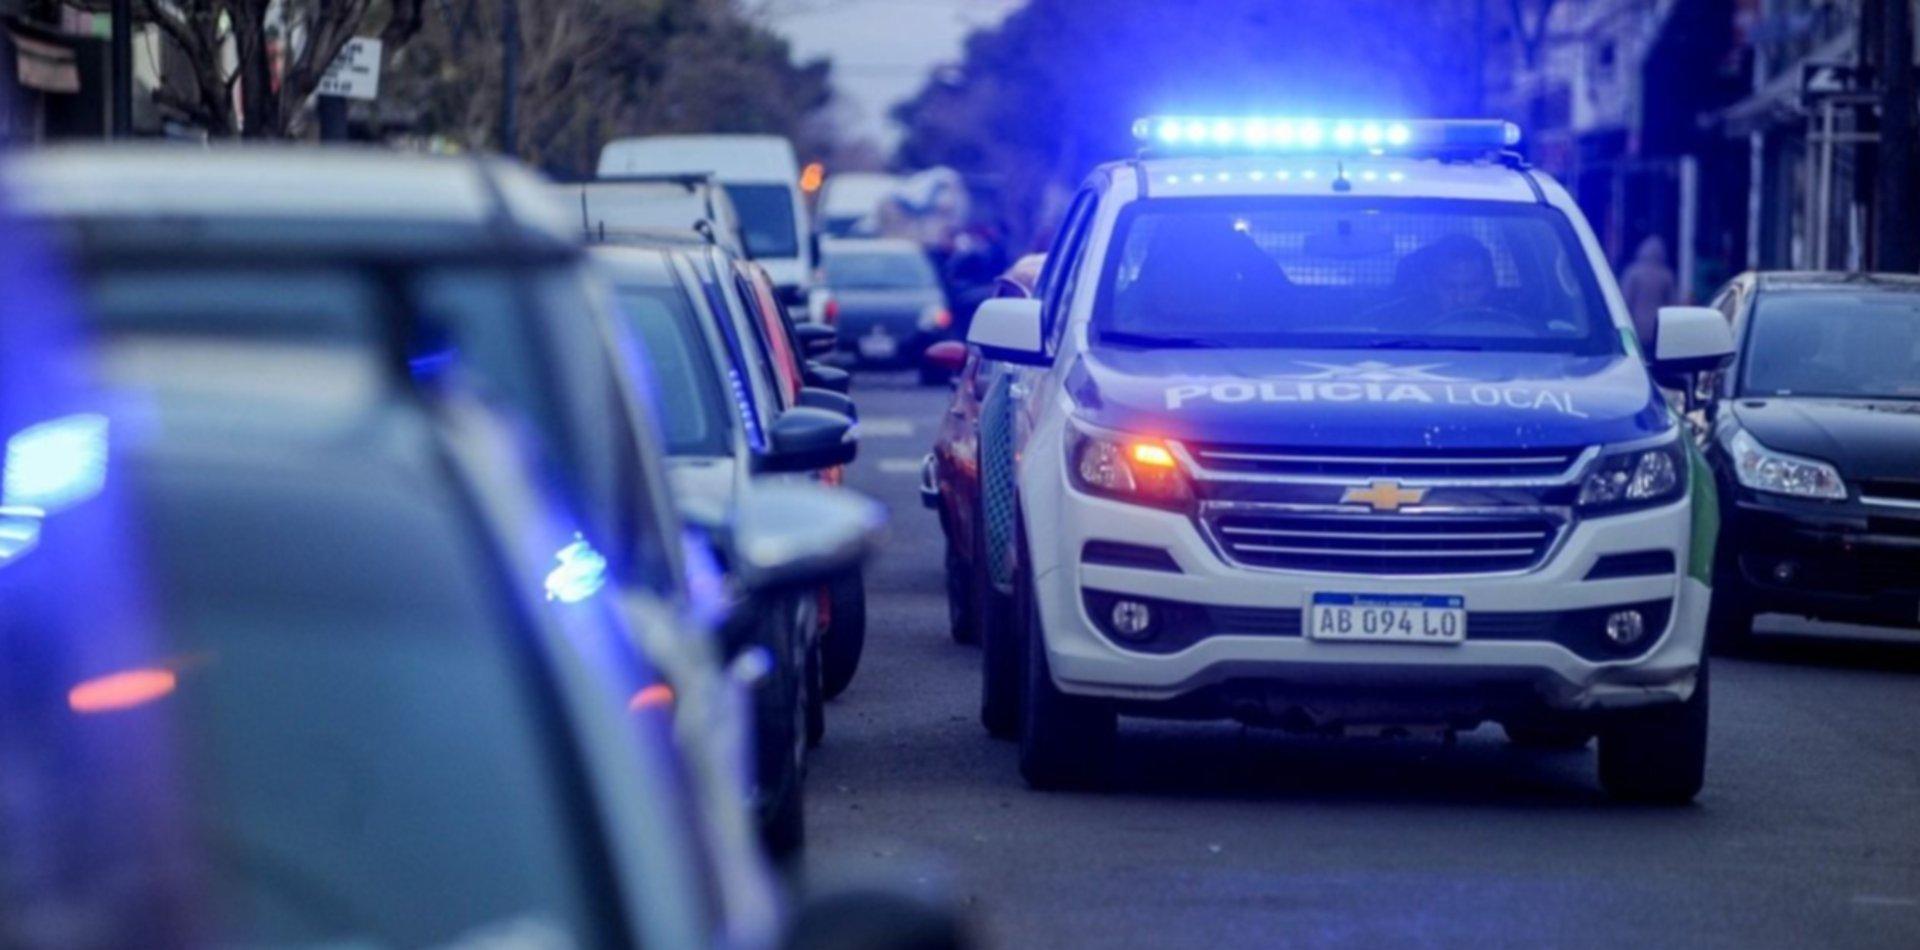 Pesadilla en La Plata: estuvieron cautivos dos horas, los golpearon y les robaron $42 mil